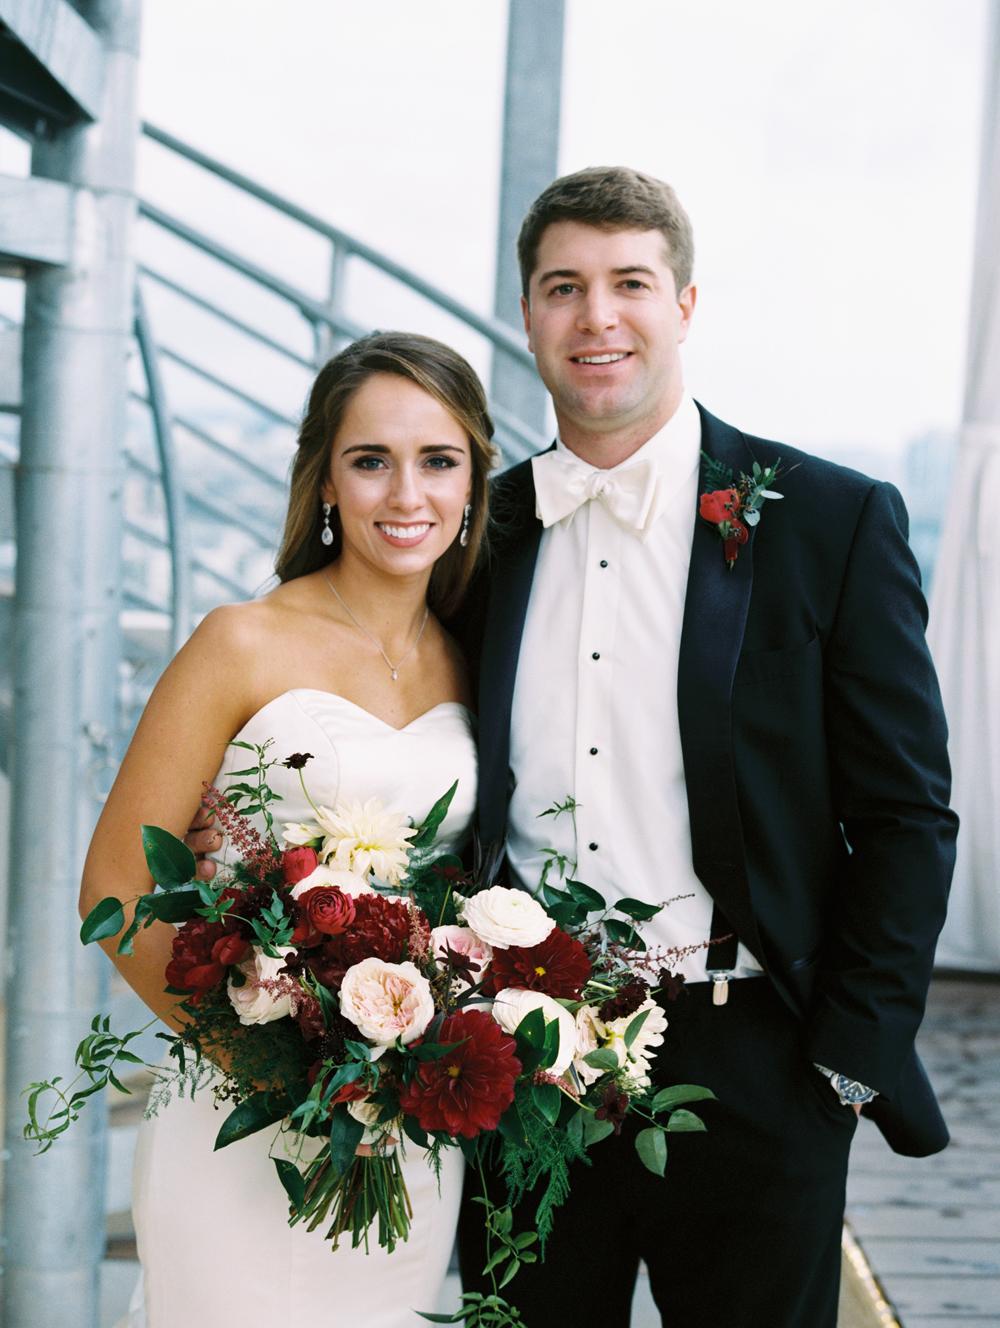 Rooftop bride and groom portraits // Nashville Wedding Floral Design